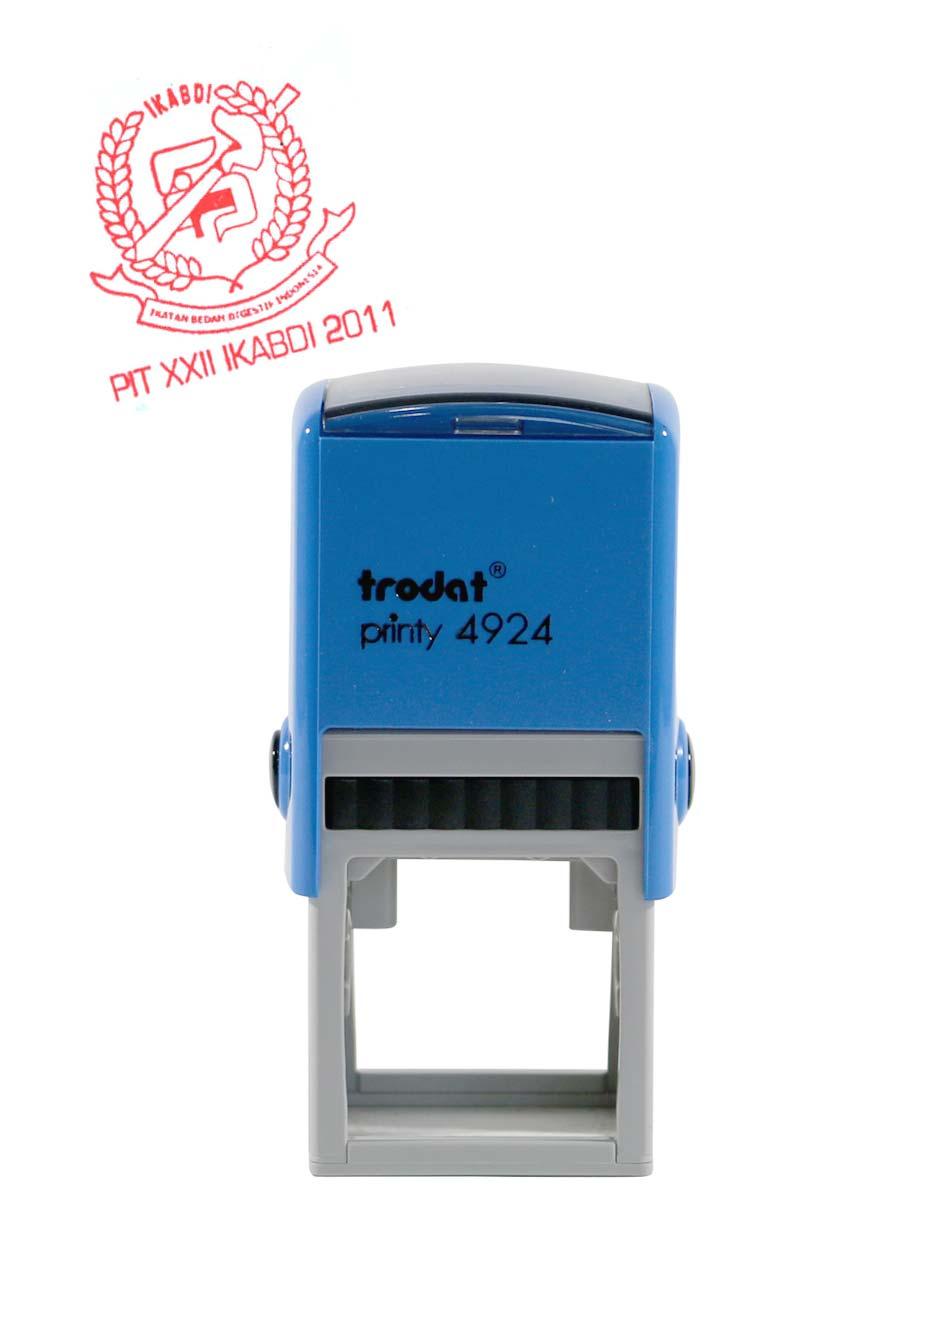 trodat-4924